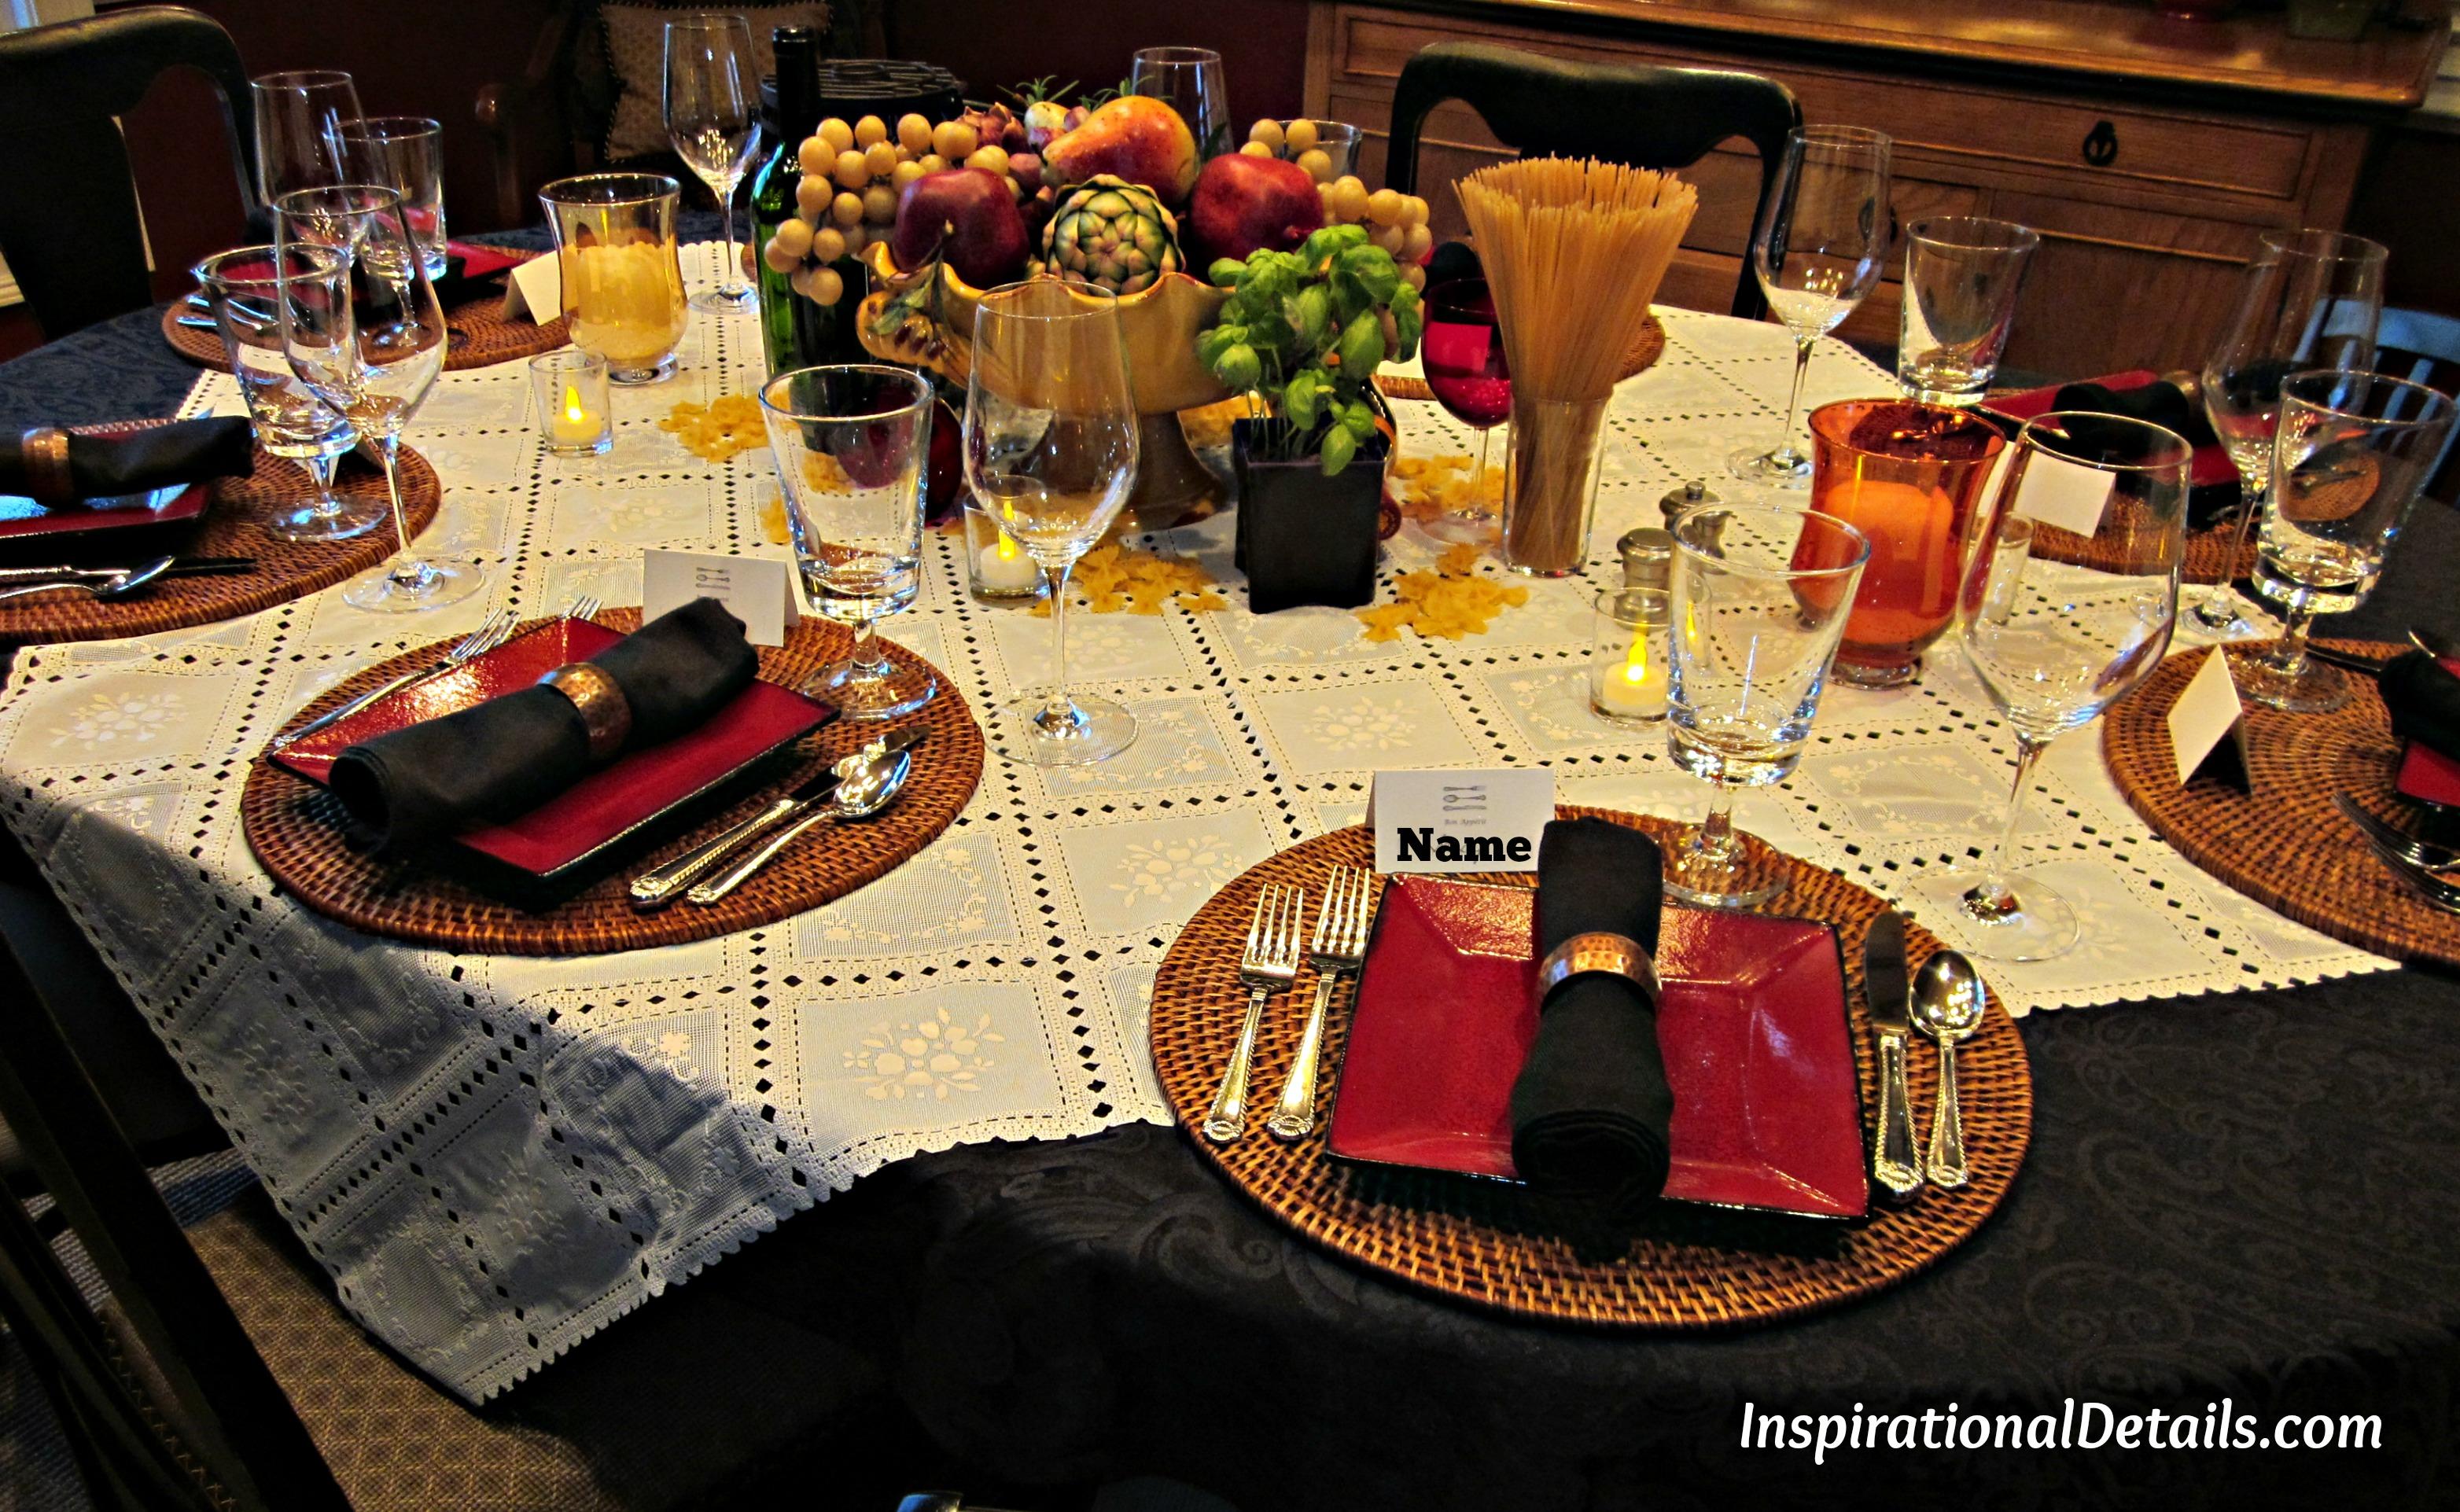 Italian dinner tablescape inspirational details for Italian dinner